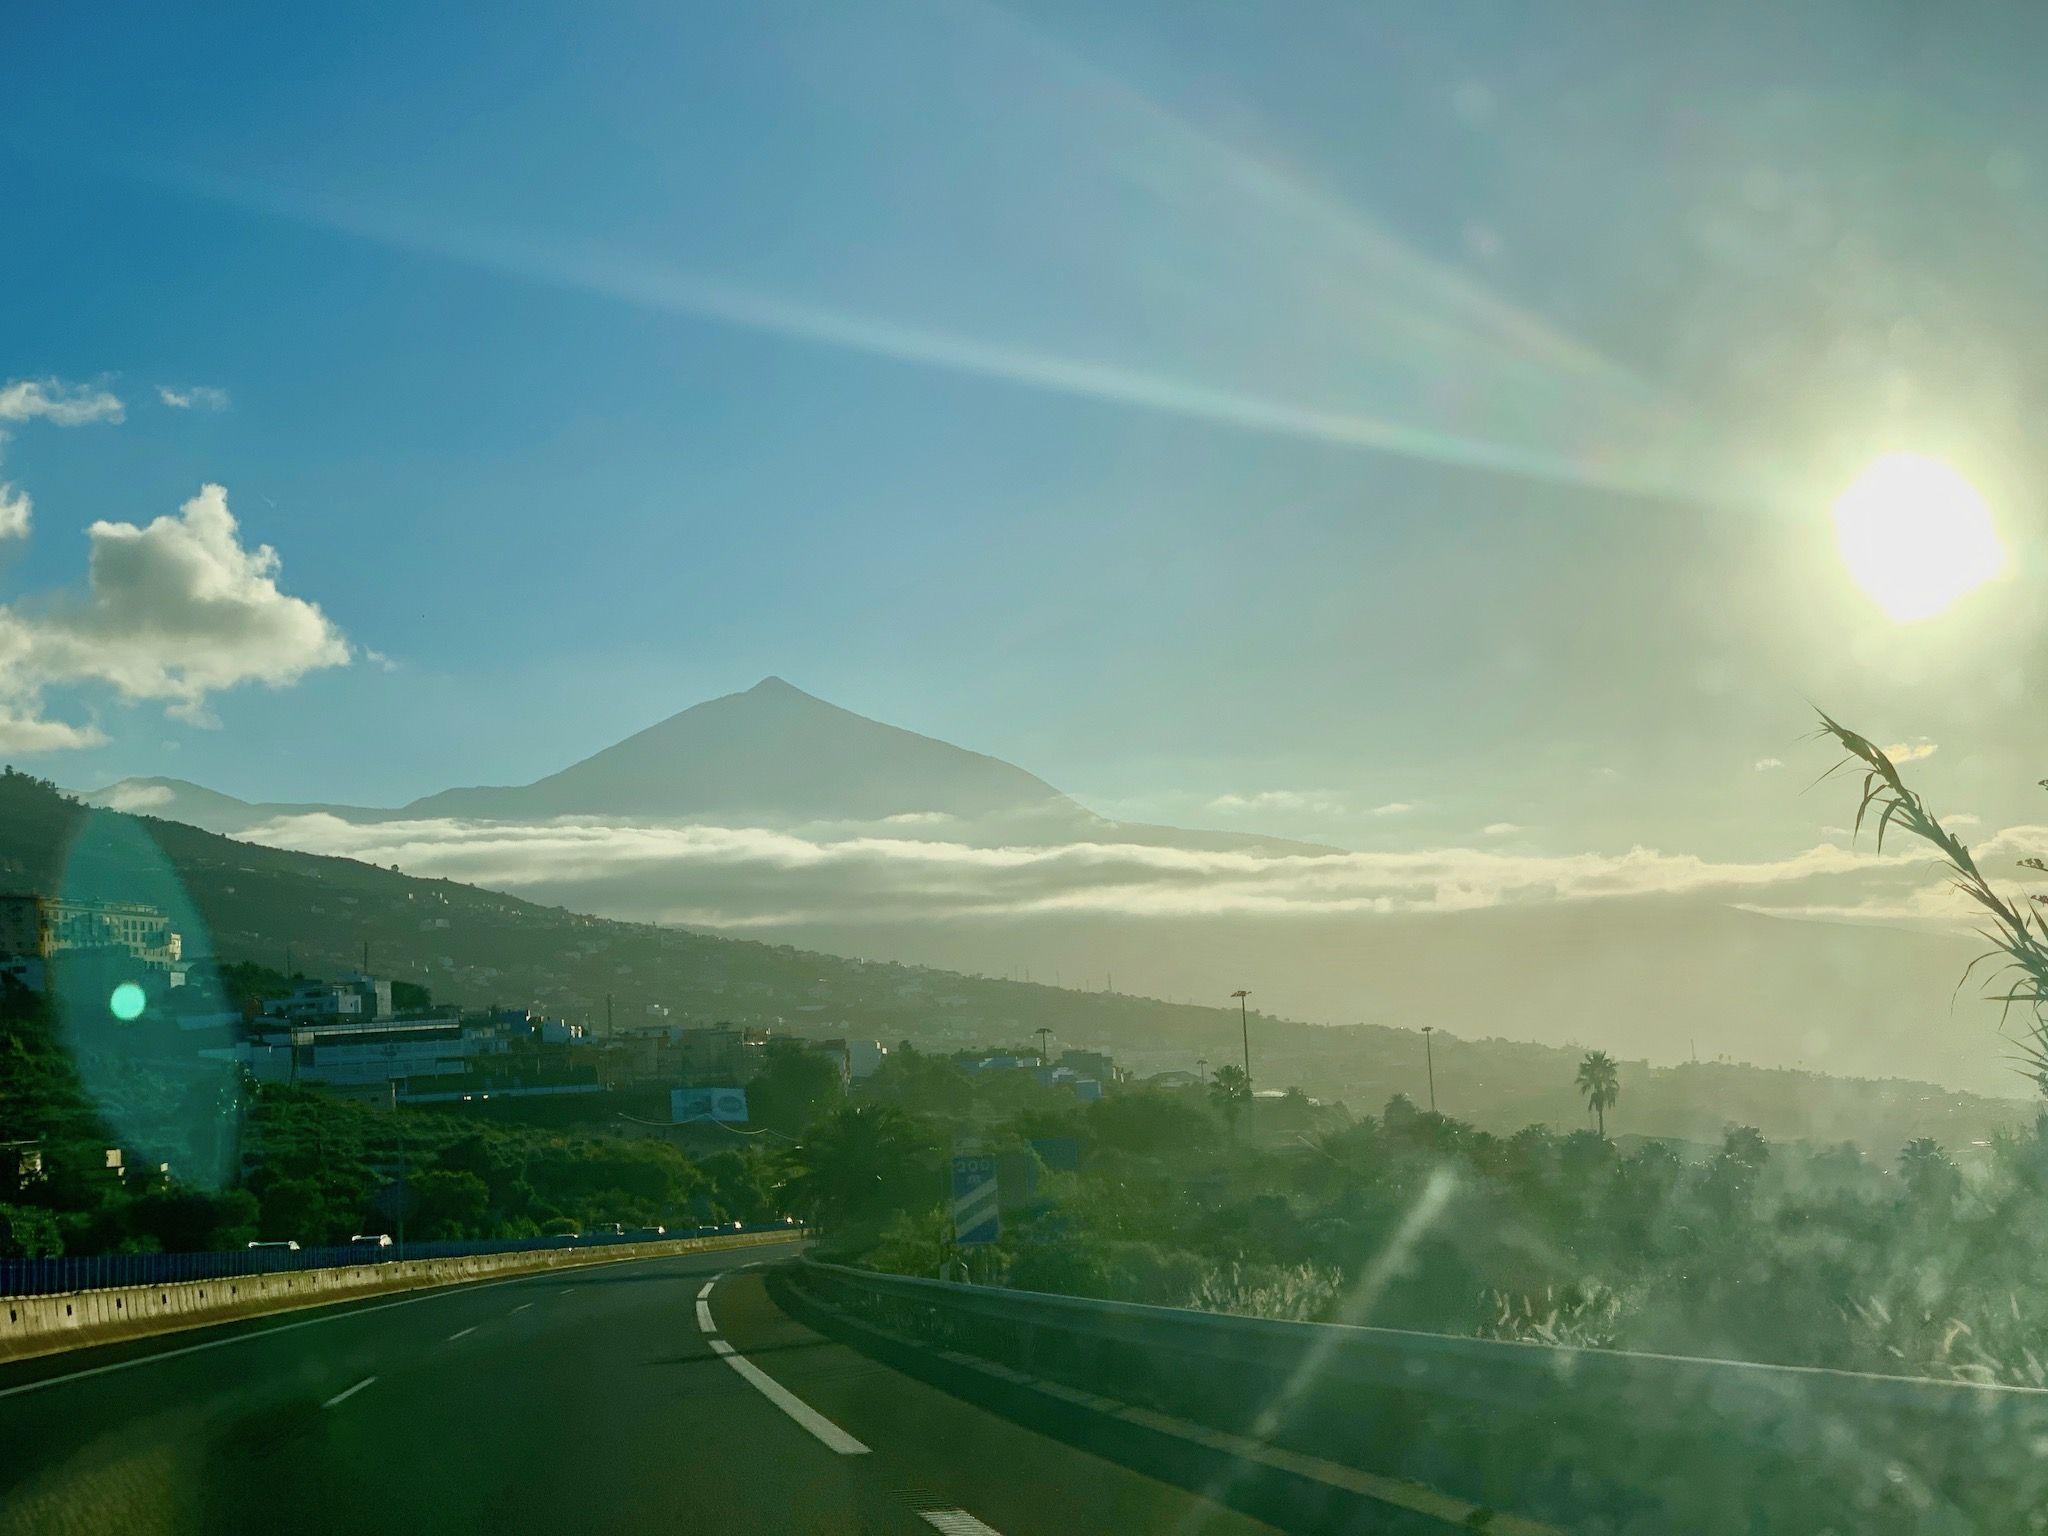 Kaum hat man das Hochplateau im Norden von Teneriffa passiert, erwarten einen spektakuläre Ausblicke auf die Nordseite der Insel. Foto: Luisa Praetorius